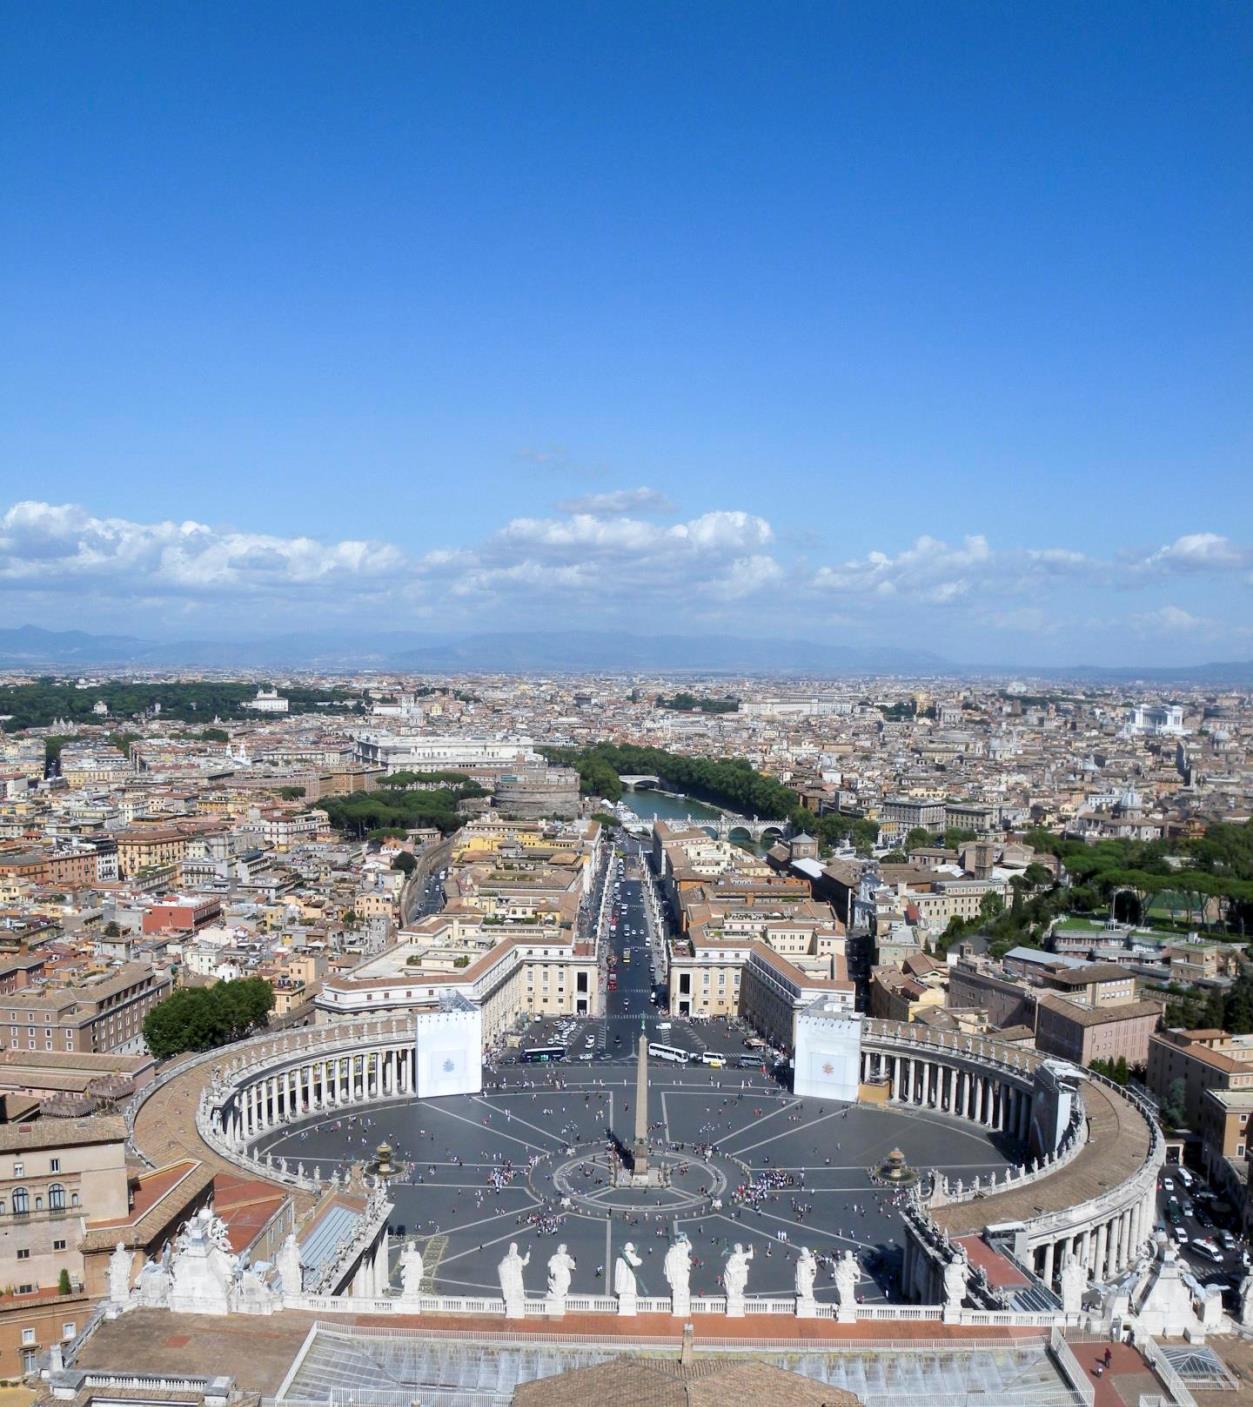 ローマの中の独立国!カトリックの総本山「バチカン市国」とはどんな国 ...